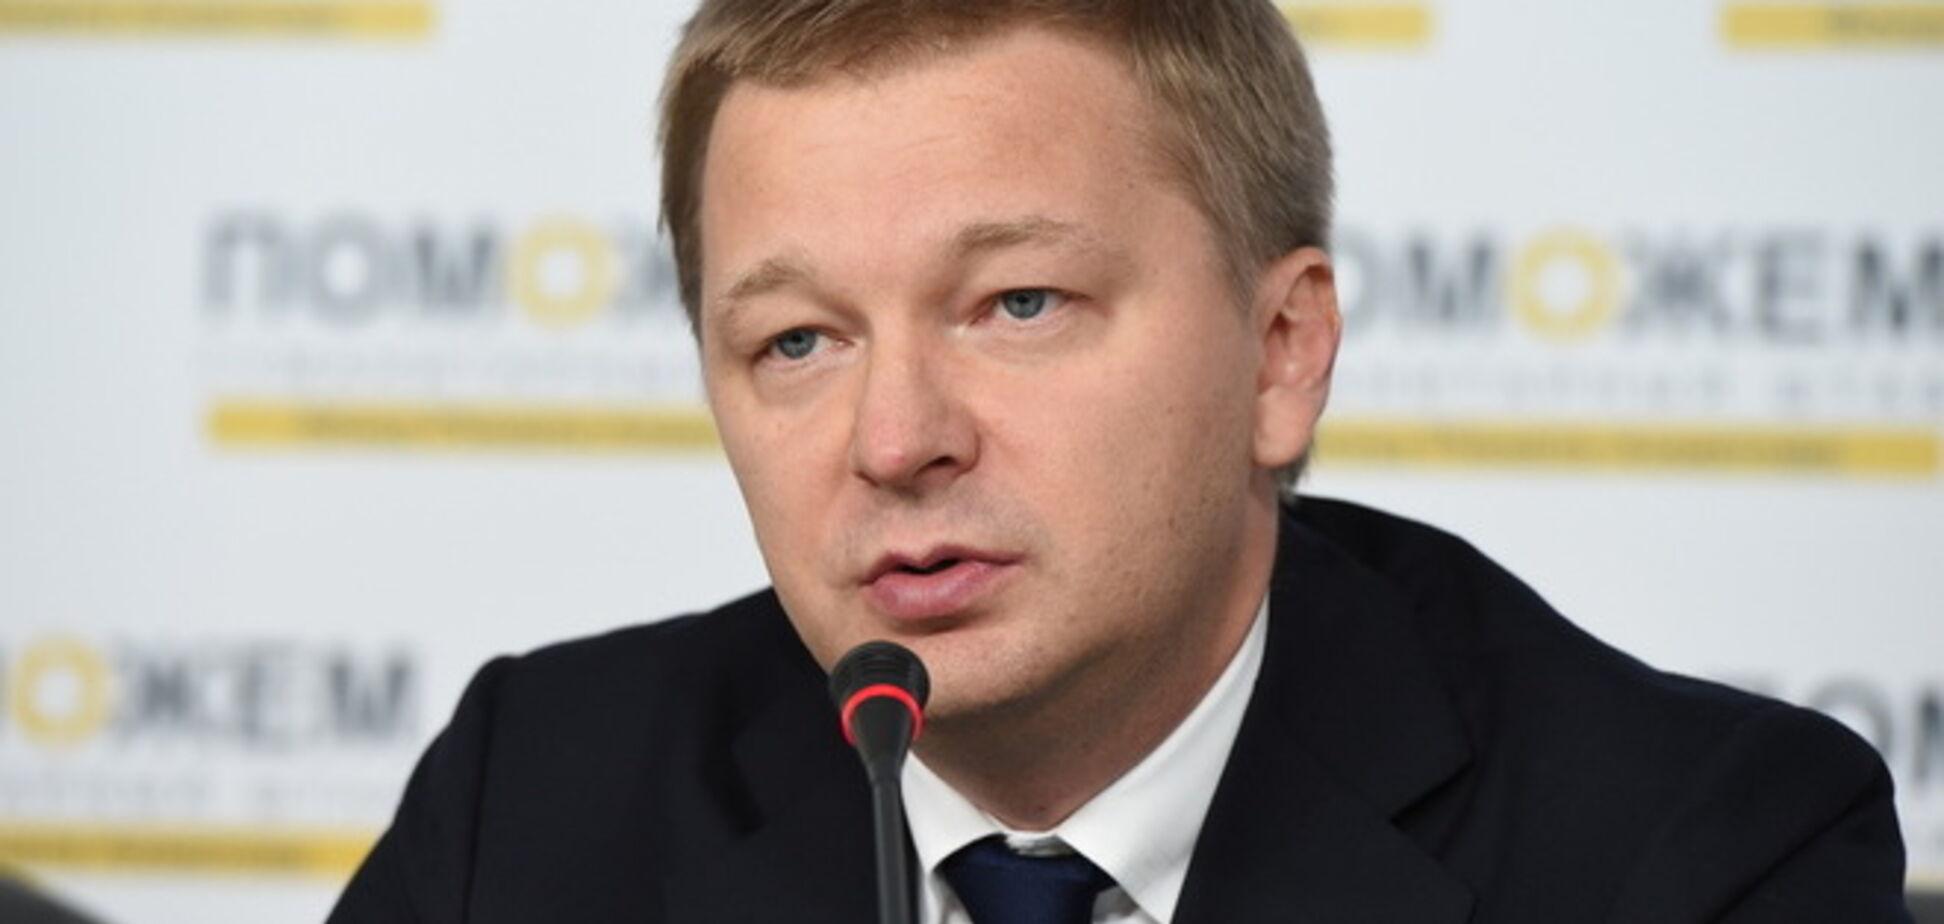 Футбольная пирамида Украины прогнила полностью – гендиректор 'Шахтера'